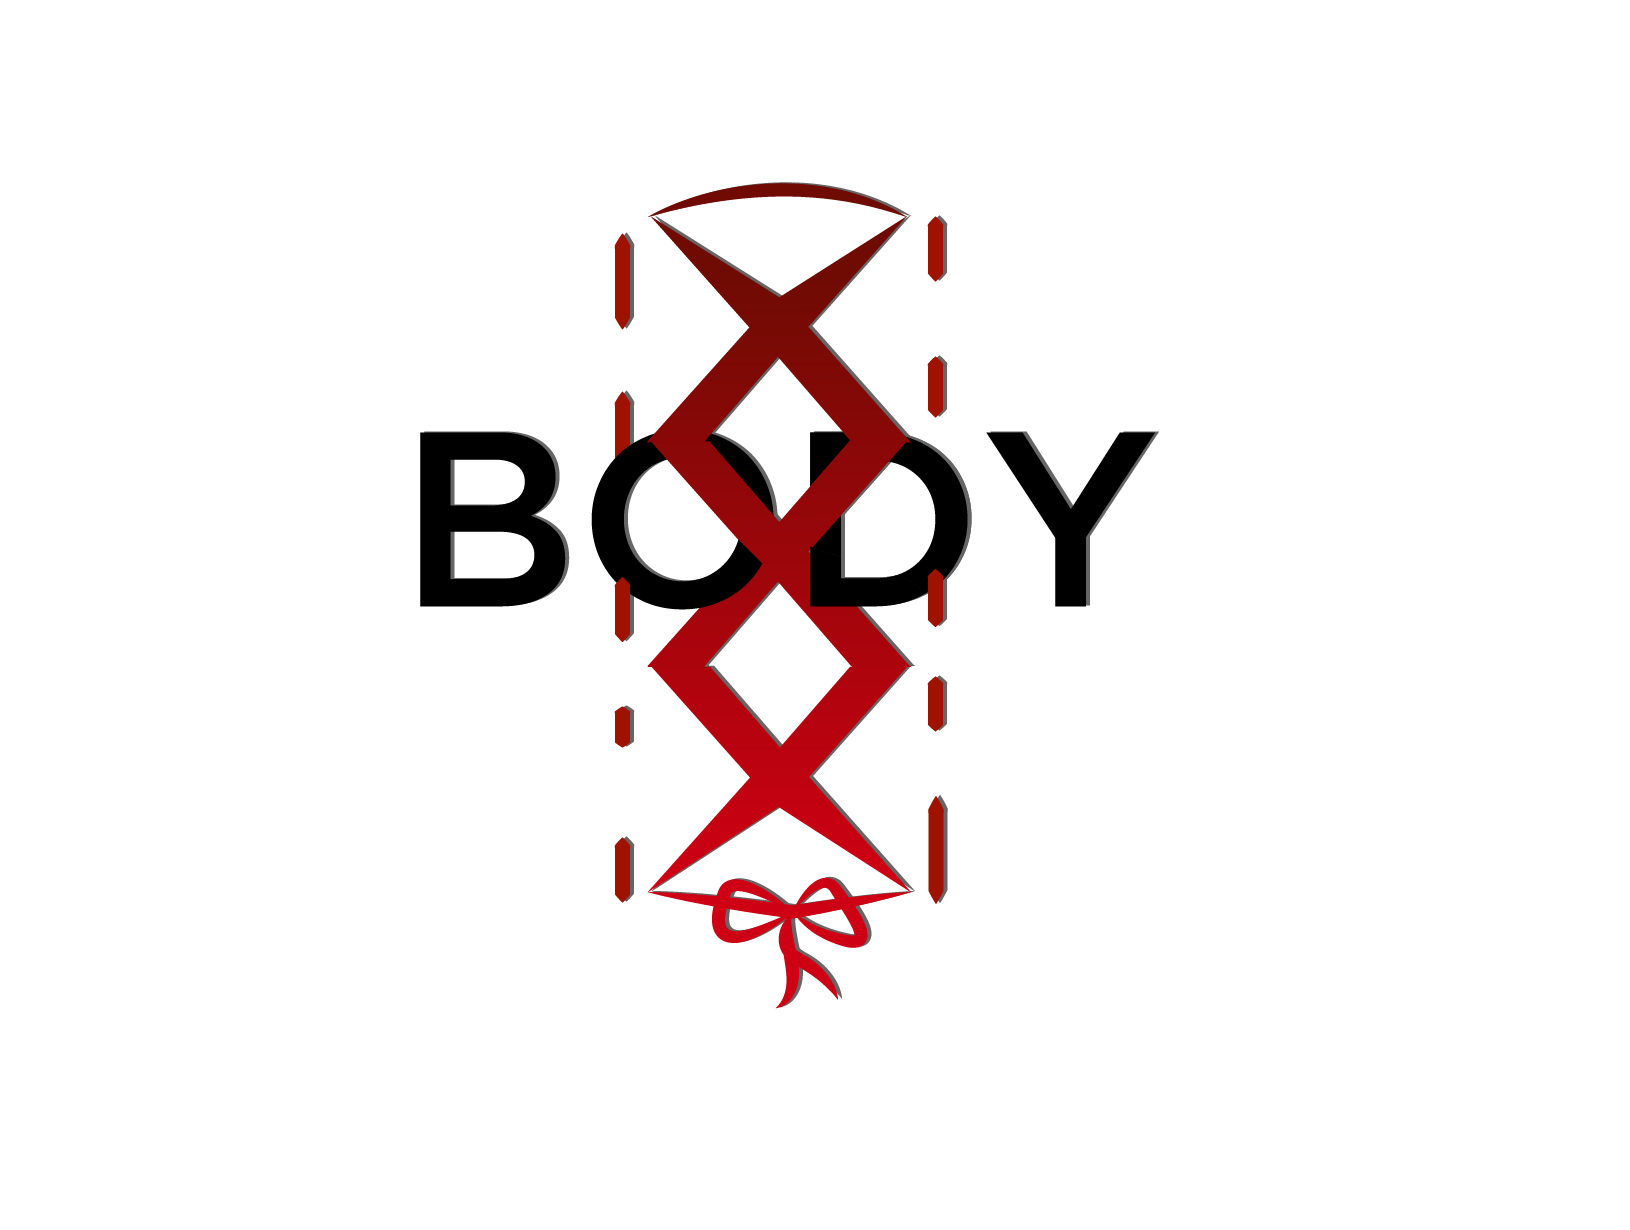 Разработка логотипа (видеоблог для моделей) фото f_9065b203c2834c3c.png